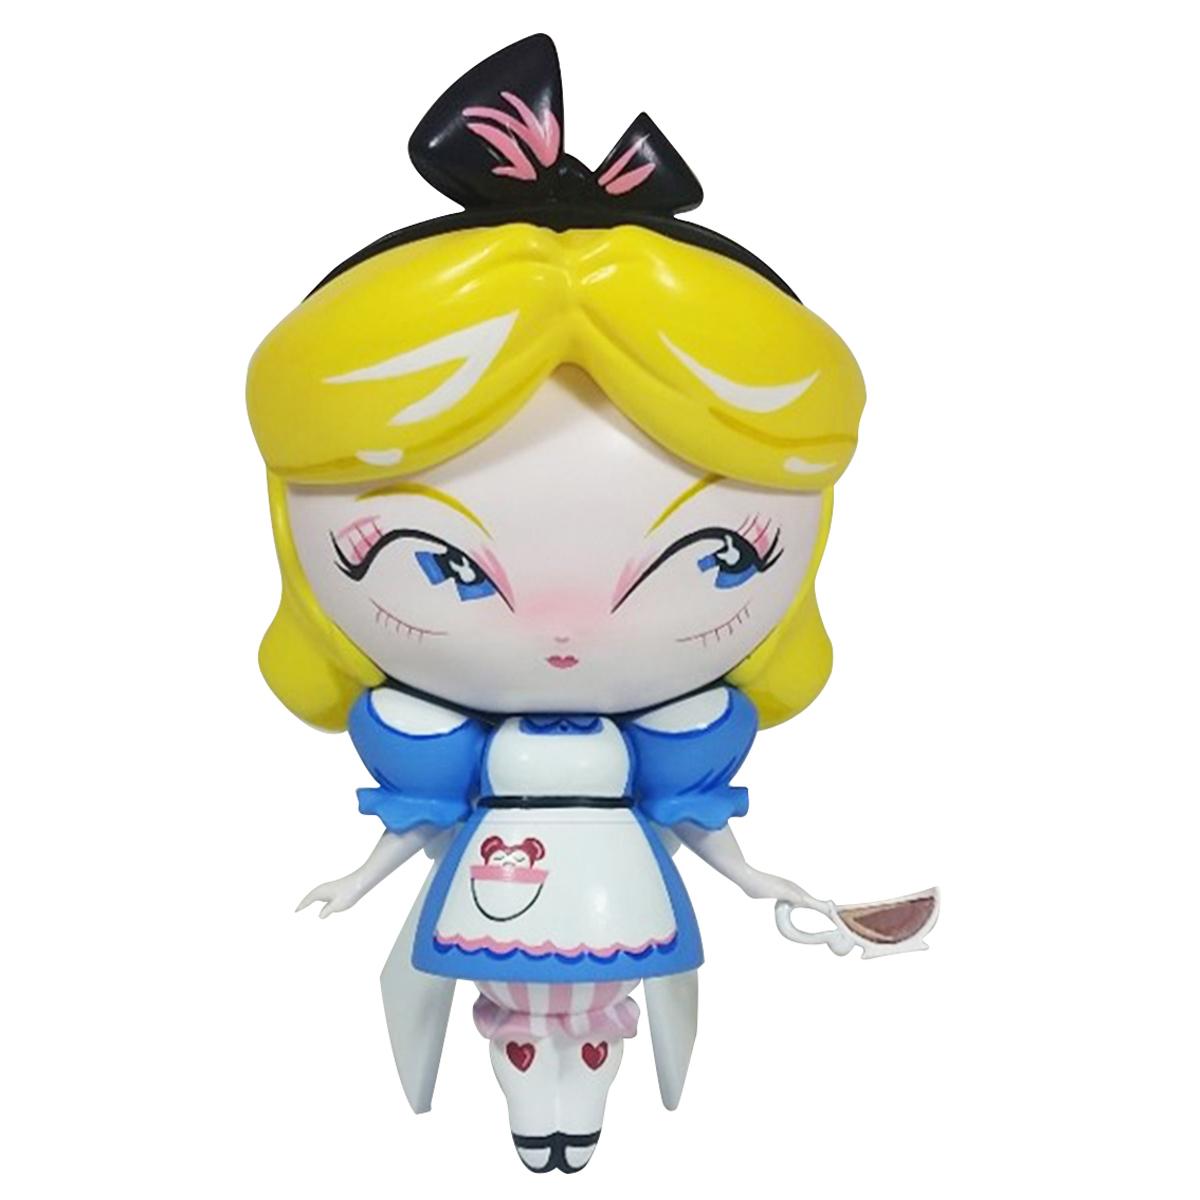 Figurine créateur \'Alice\'  (Miss Mindy) - 175x10x85 cm - [Q5104]